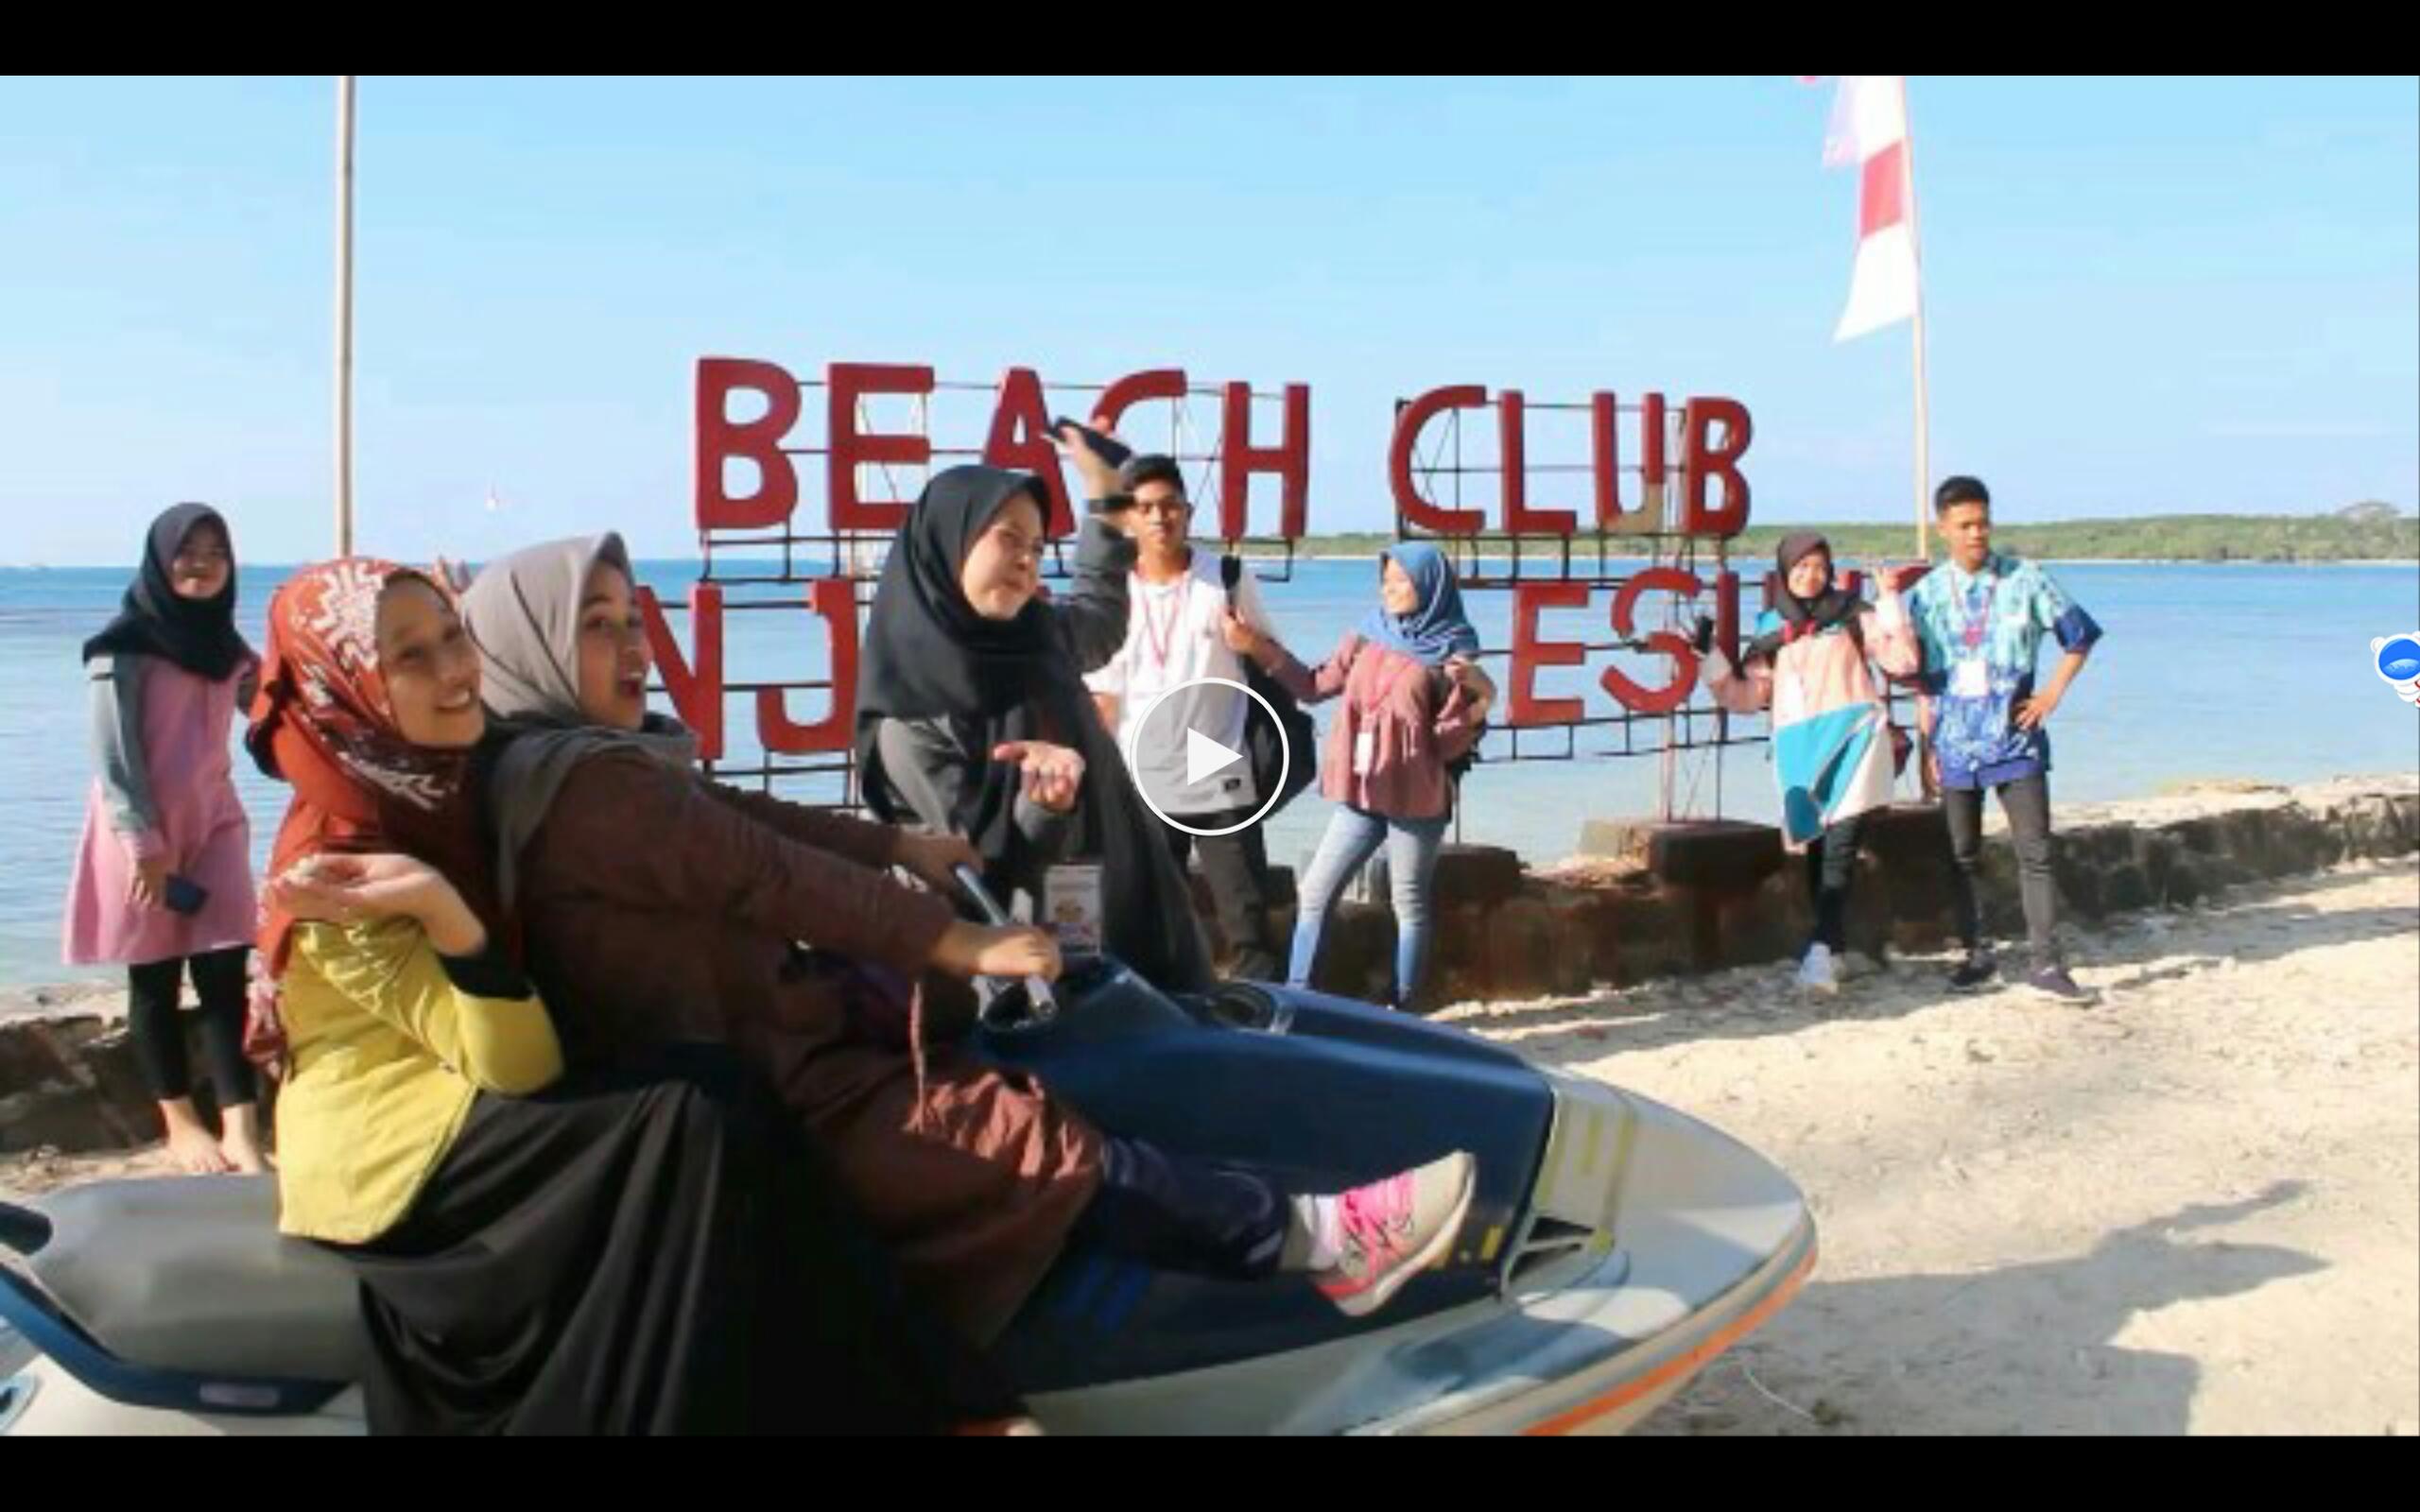 BUMN Hadir - Siswa Kalsel peserta SMN terpukau keindahan Pantai Tanjung Lesung